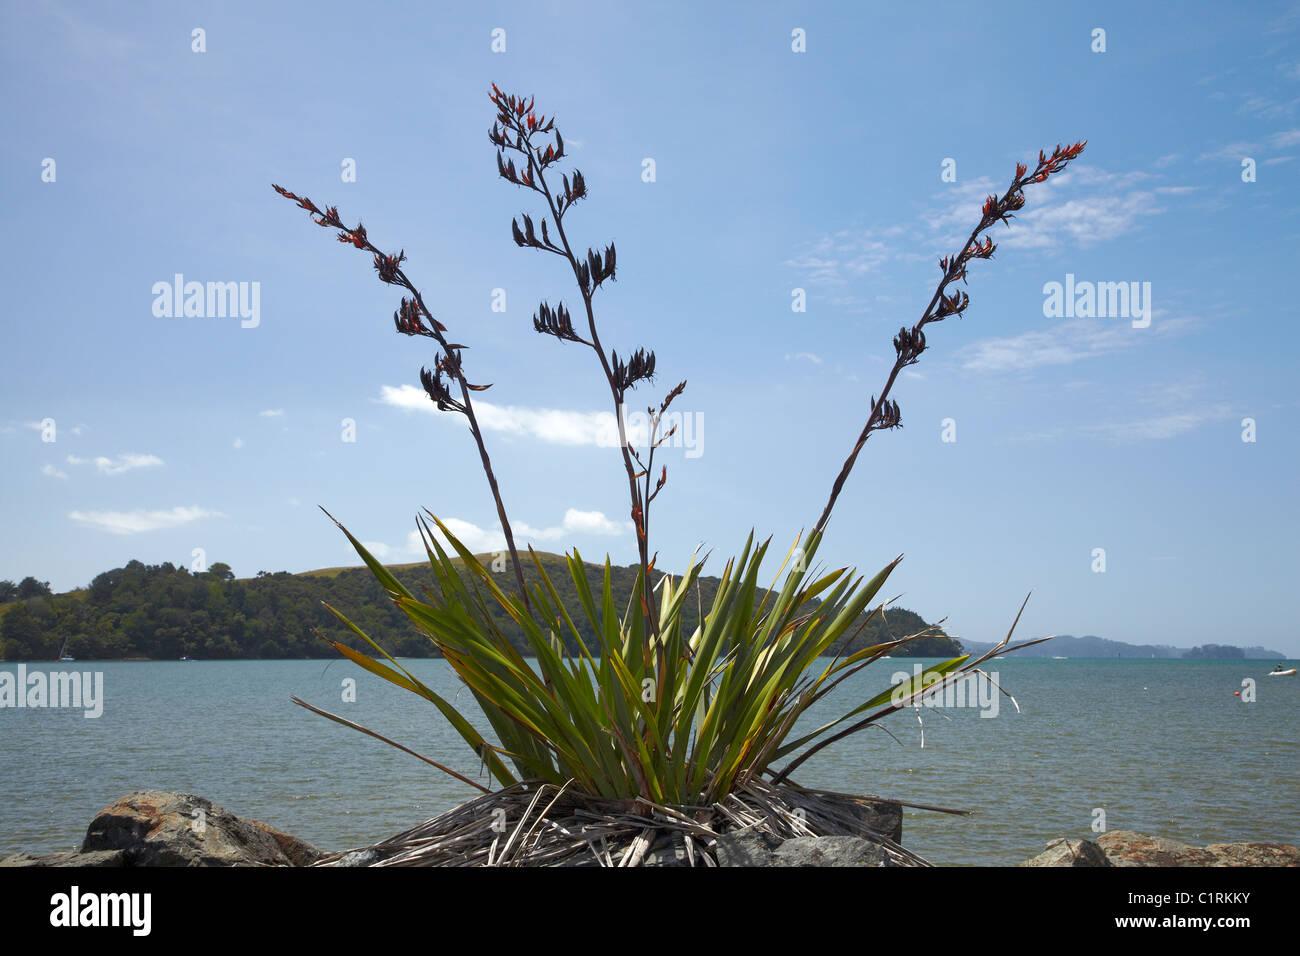 Bush Flachs (Phormium Tenax), Sandspit, in der Nähe von Warkworth, Region Auckland, Nordinsel, Neuseeland Stockfoto